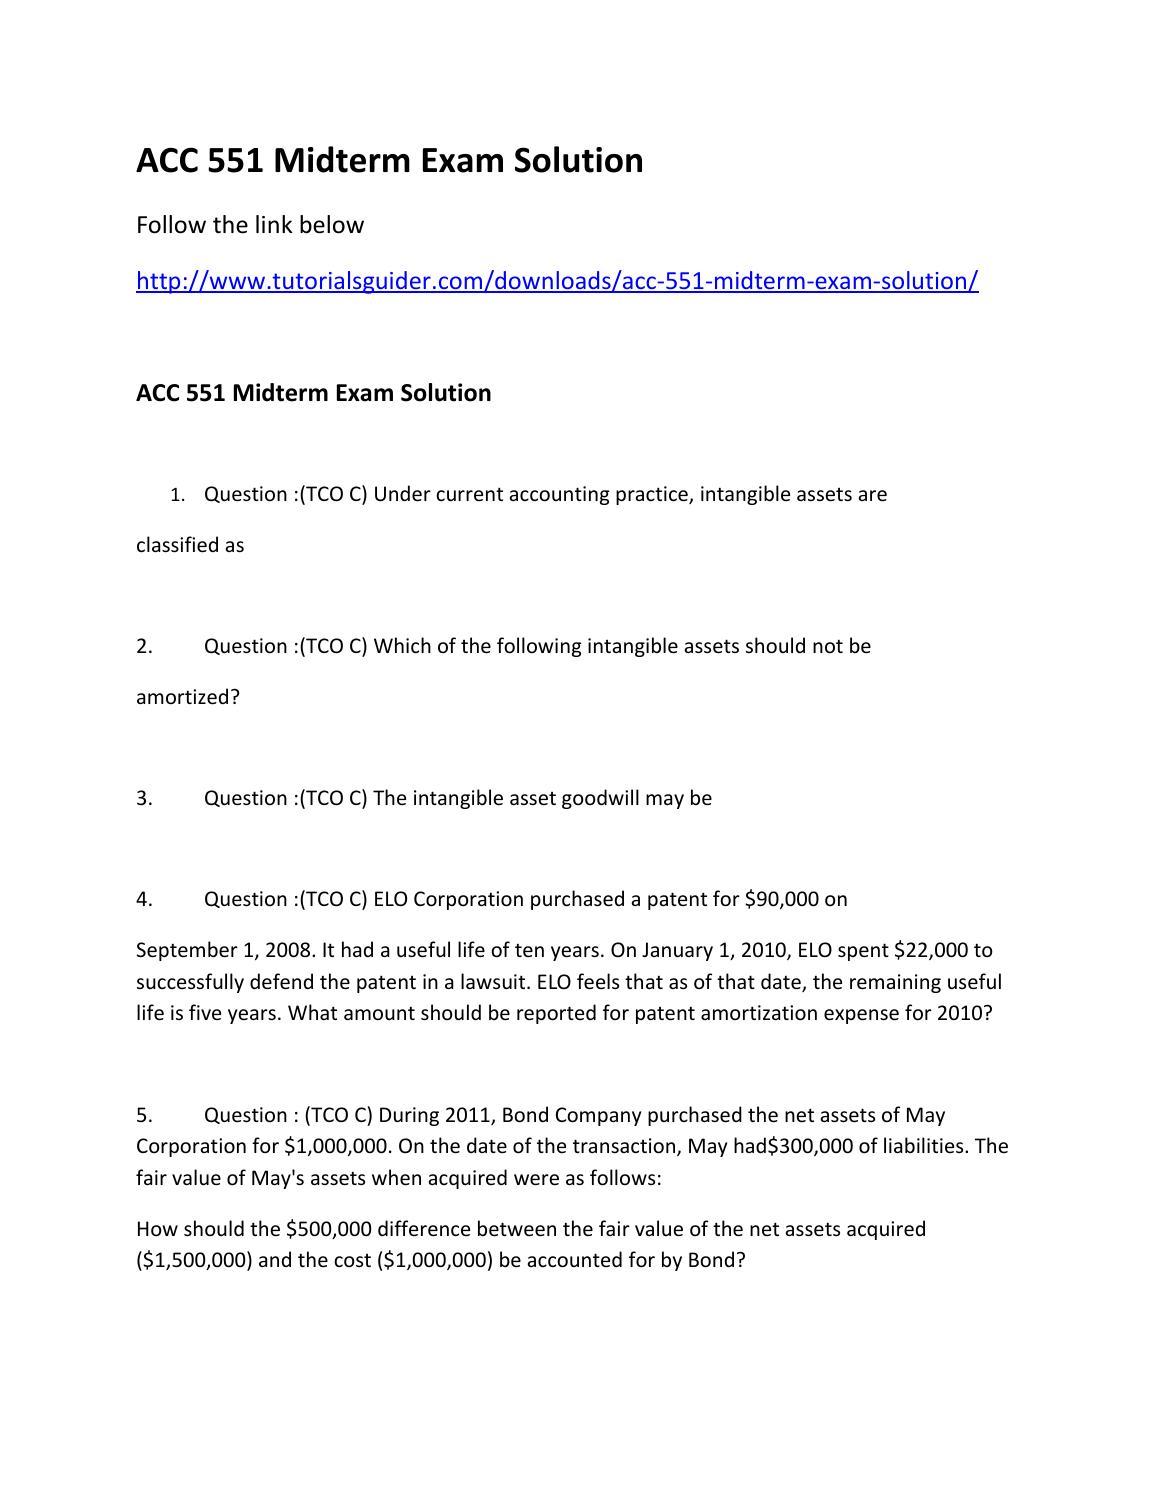 Midterm exam 2011 | Term paper Sample - bluemoonadv com